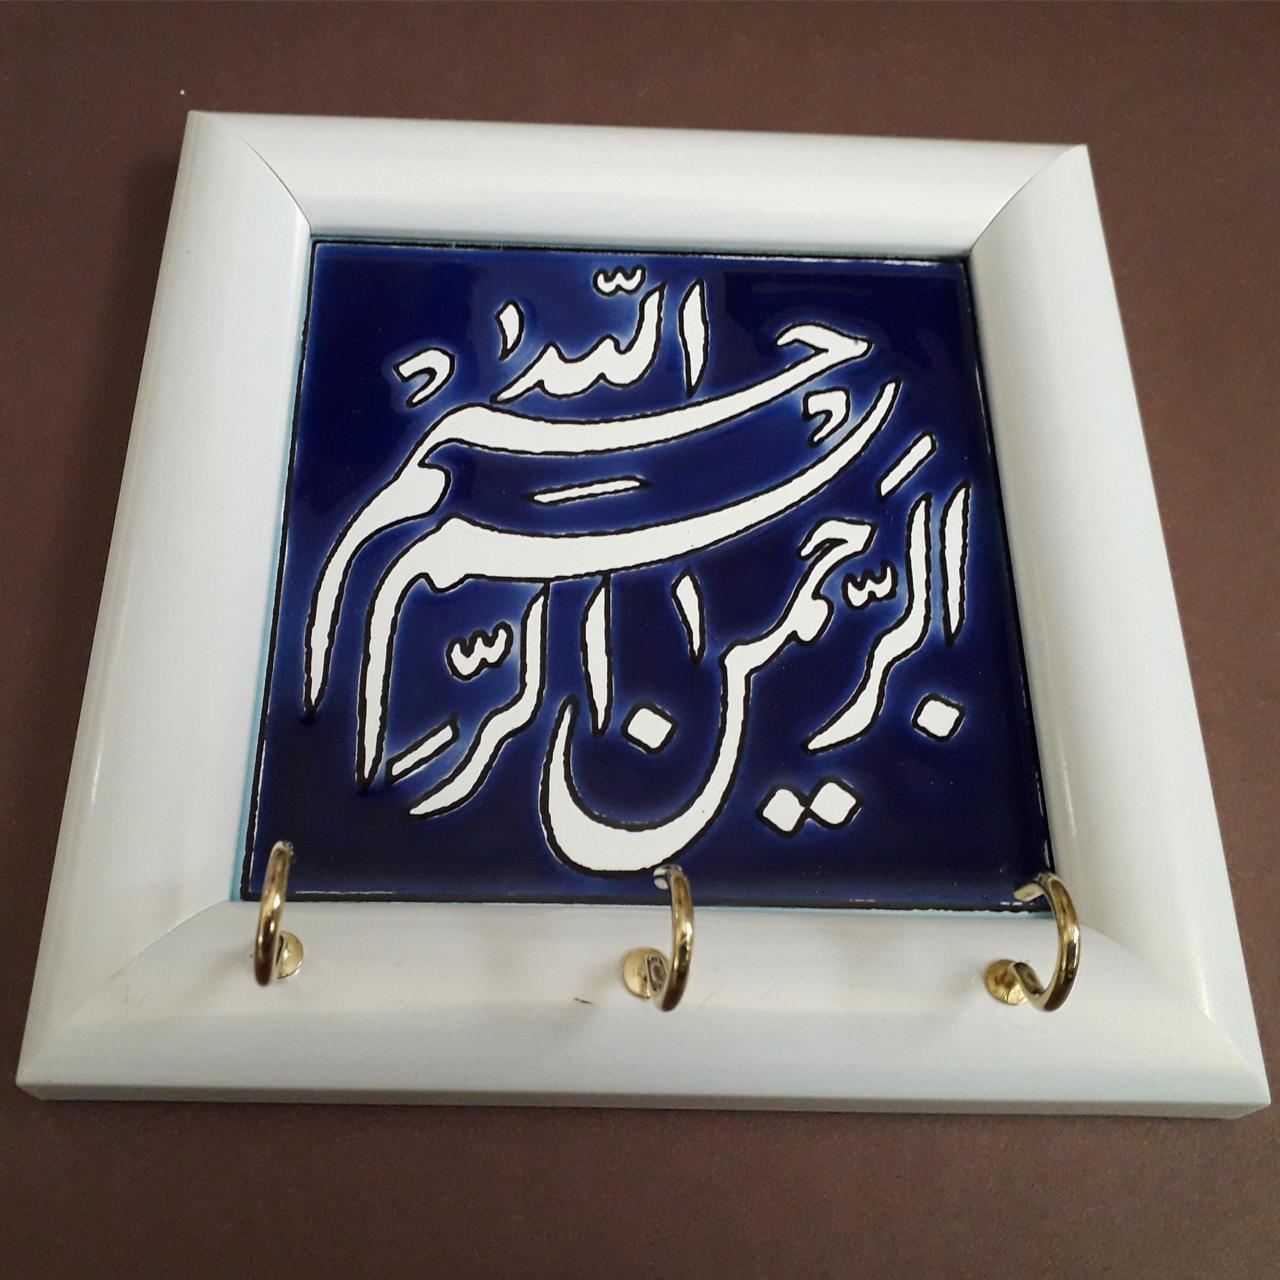 خرید                      جاکلیدی طرح بسم الله کد 0134